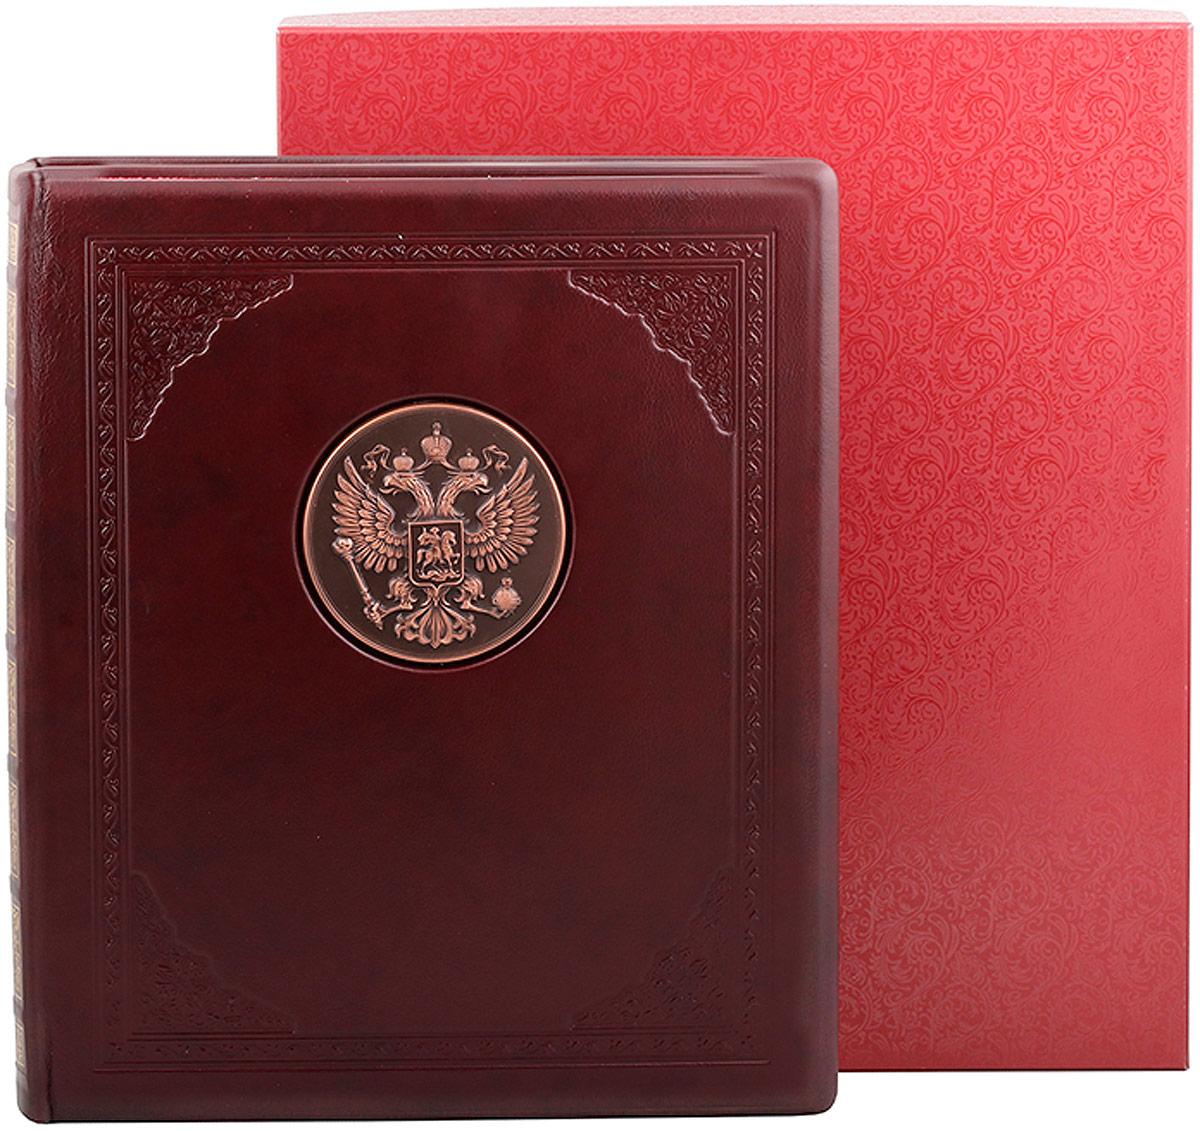 Фотоальбом кожаный Герб РФ, текстурированный золотым тиснением, присутствующая накладка Герб РФ подчеркивает статусность подарка. В подарочной коробке.